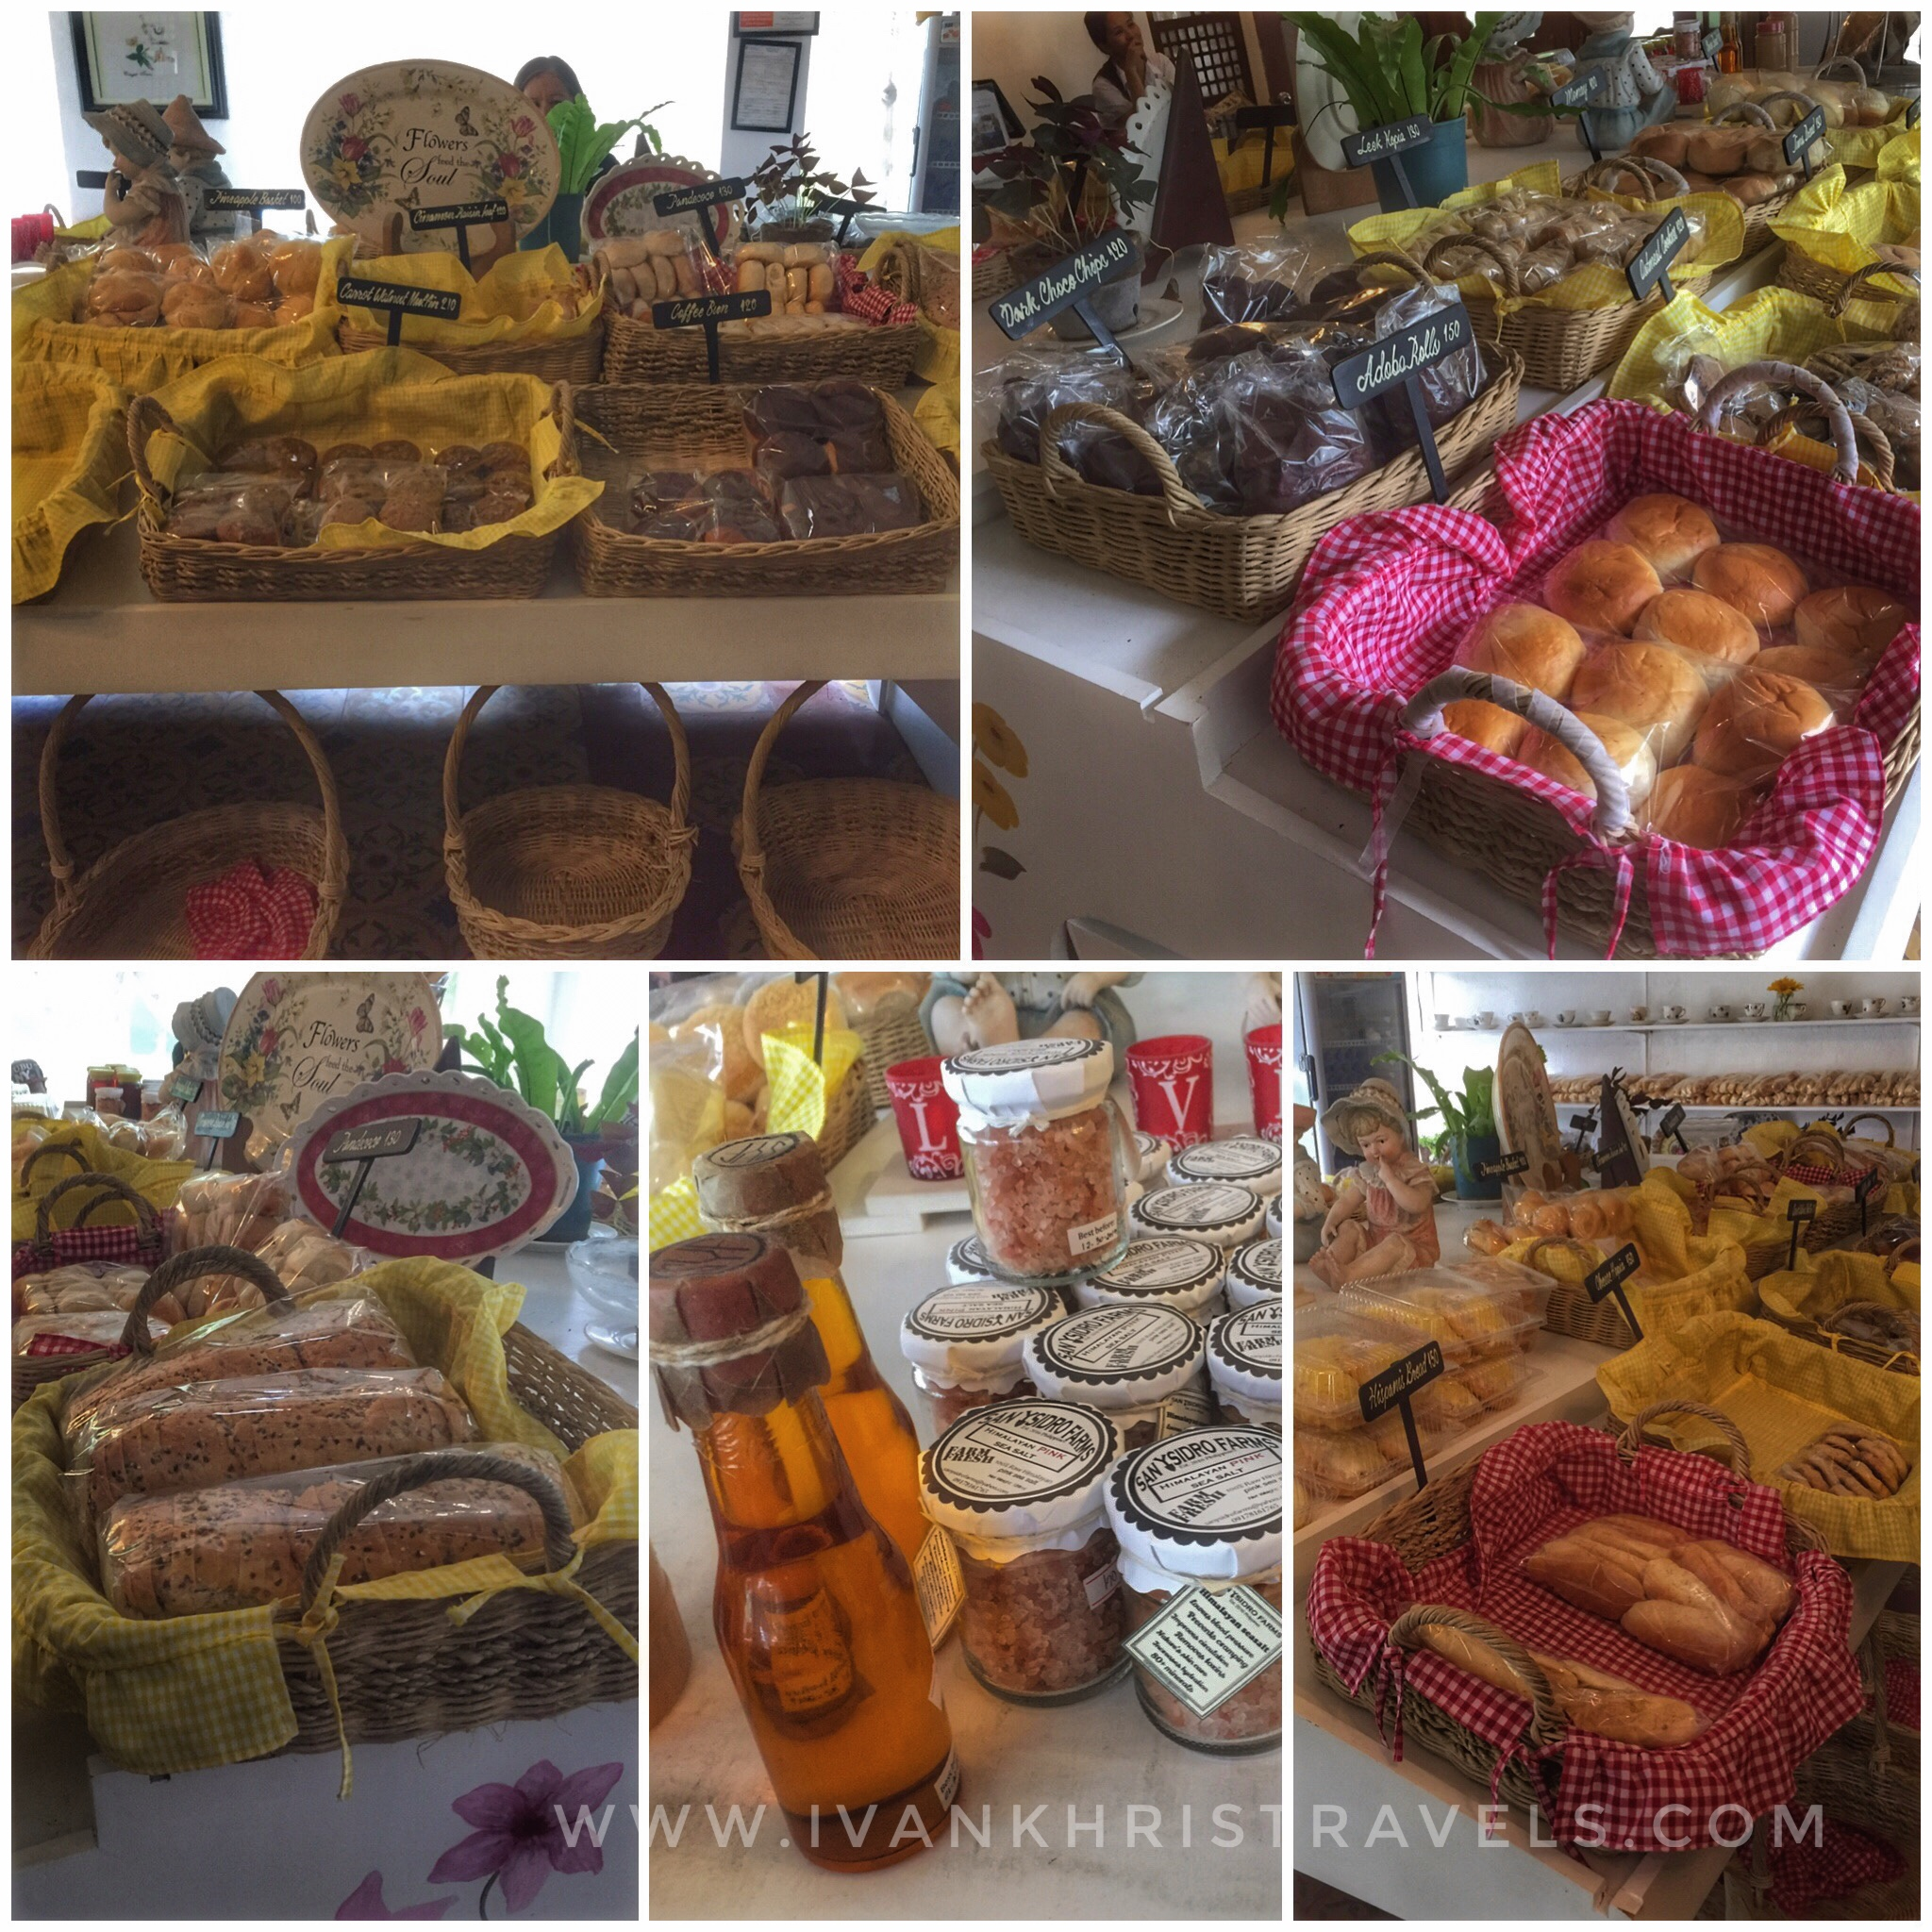 Sonya's Garden breads and pastries in bakeshop